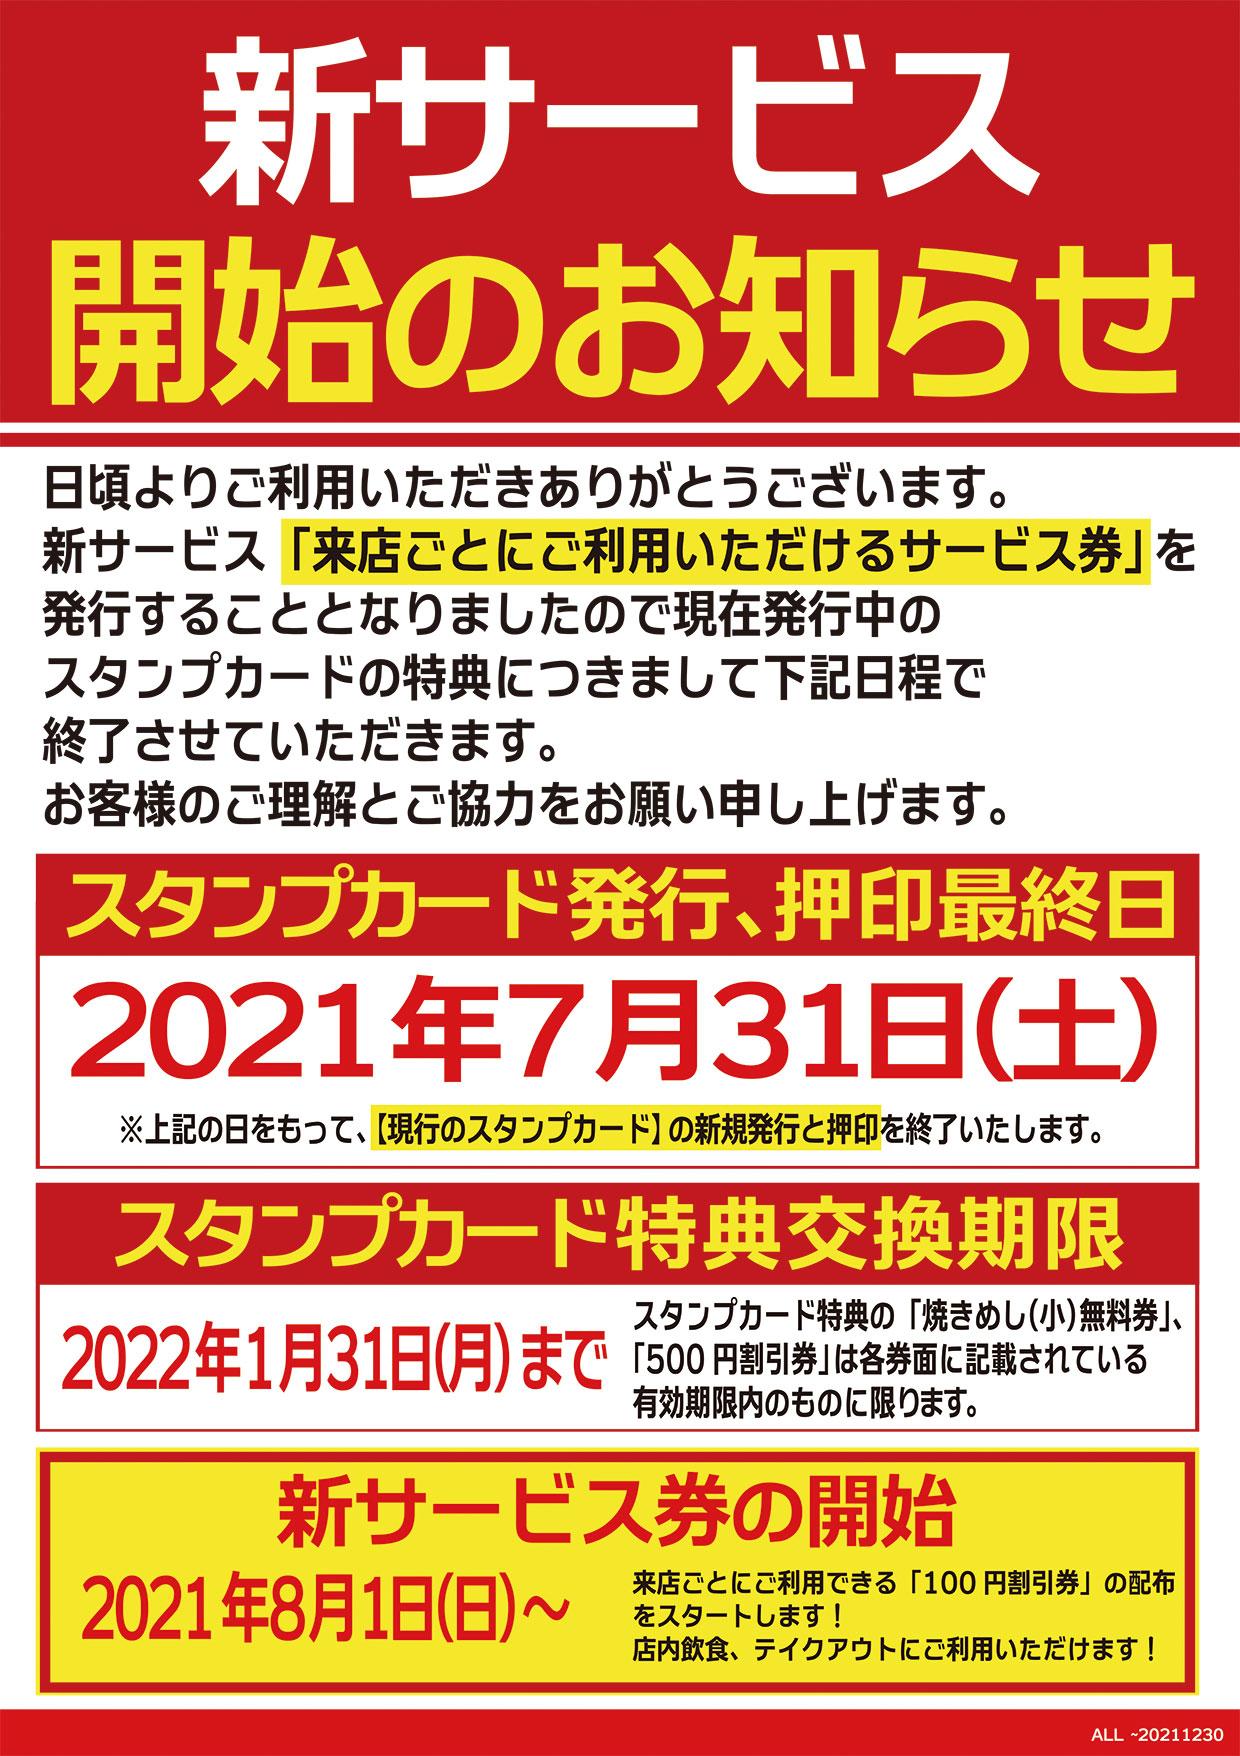 8月1日(日)より新サービス開始!